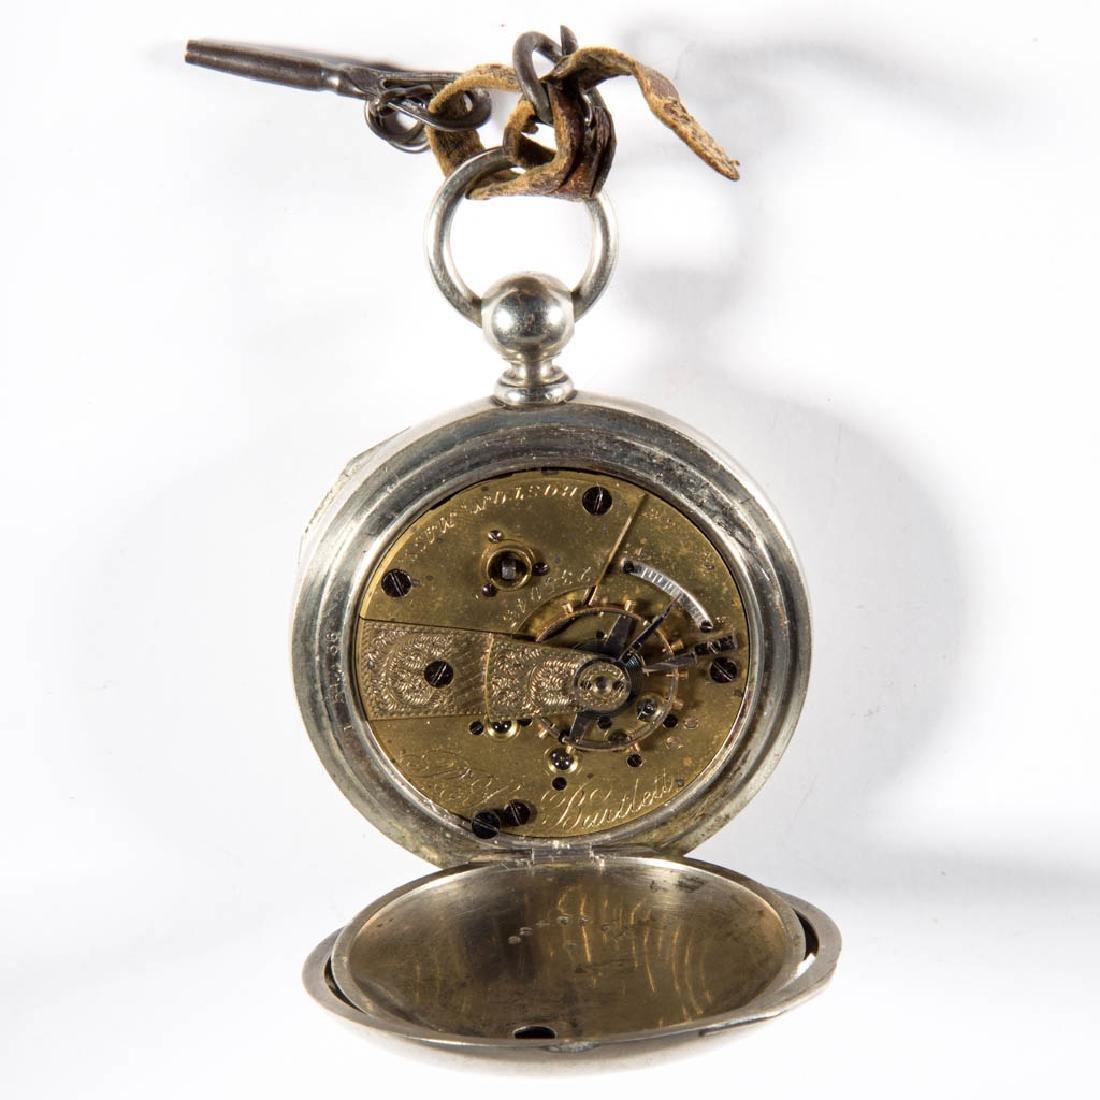 AMERICAN WATCH CO. / WALTHAM MODEL 1857 11-JEWEL MAN'S - 2